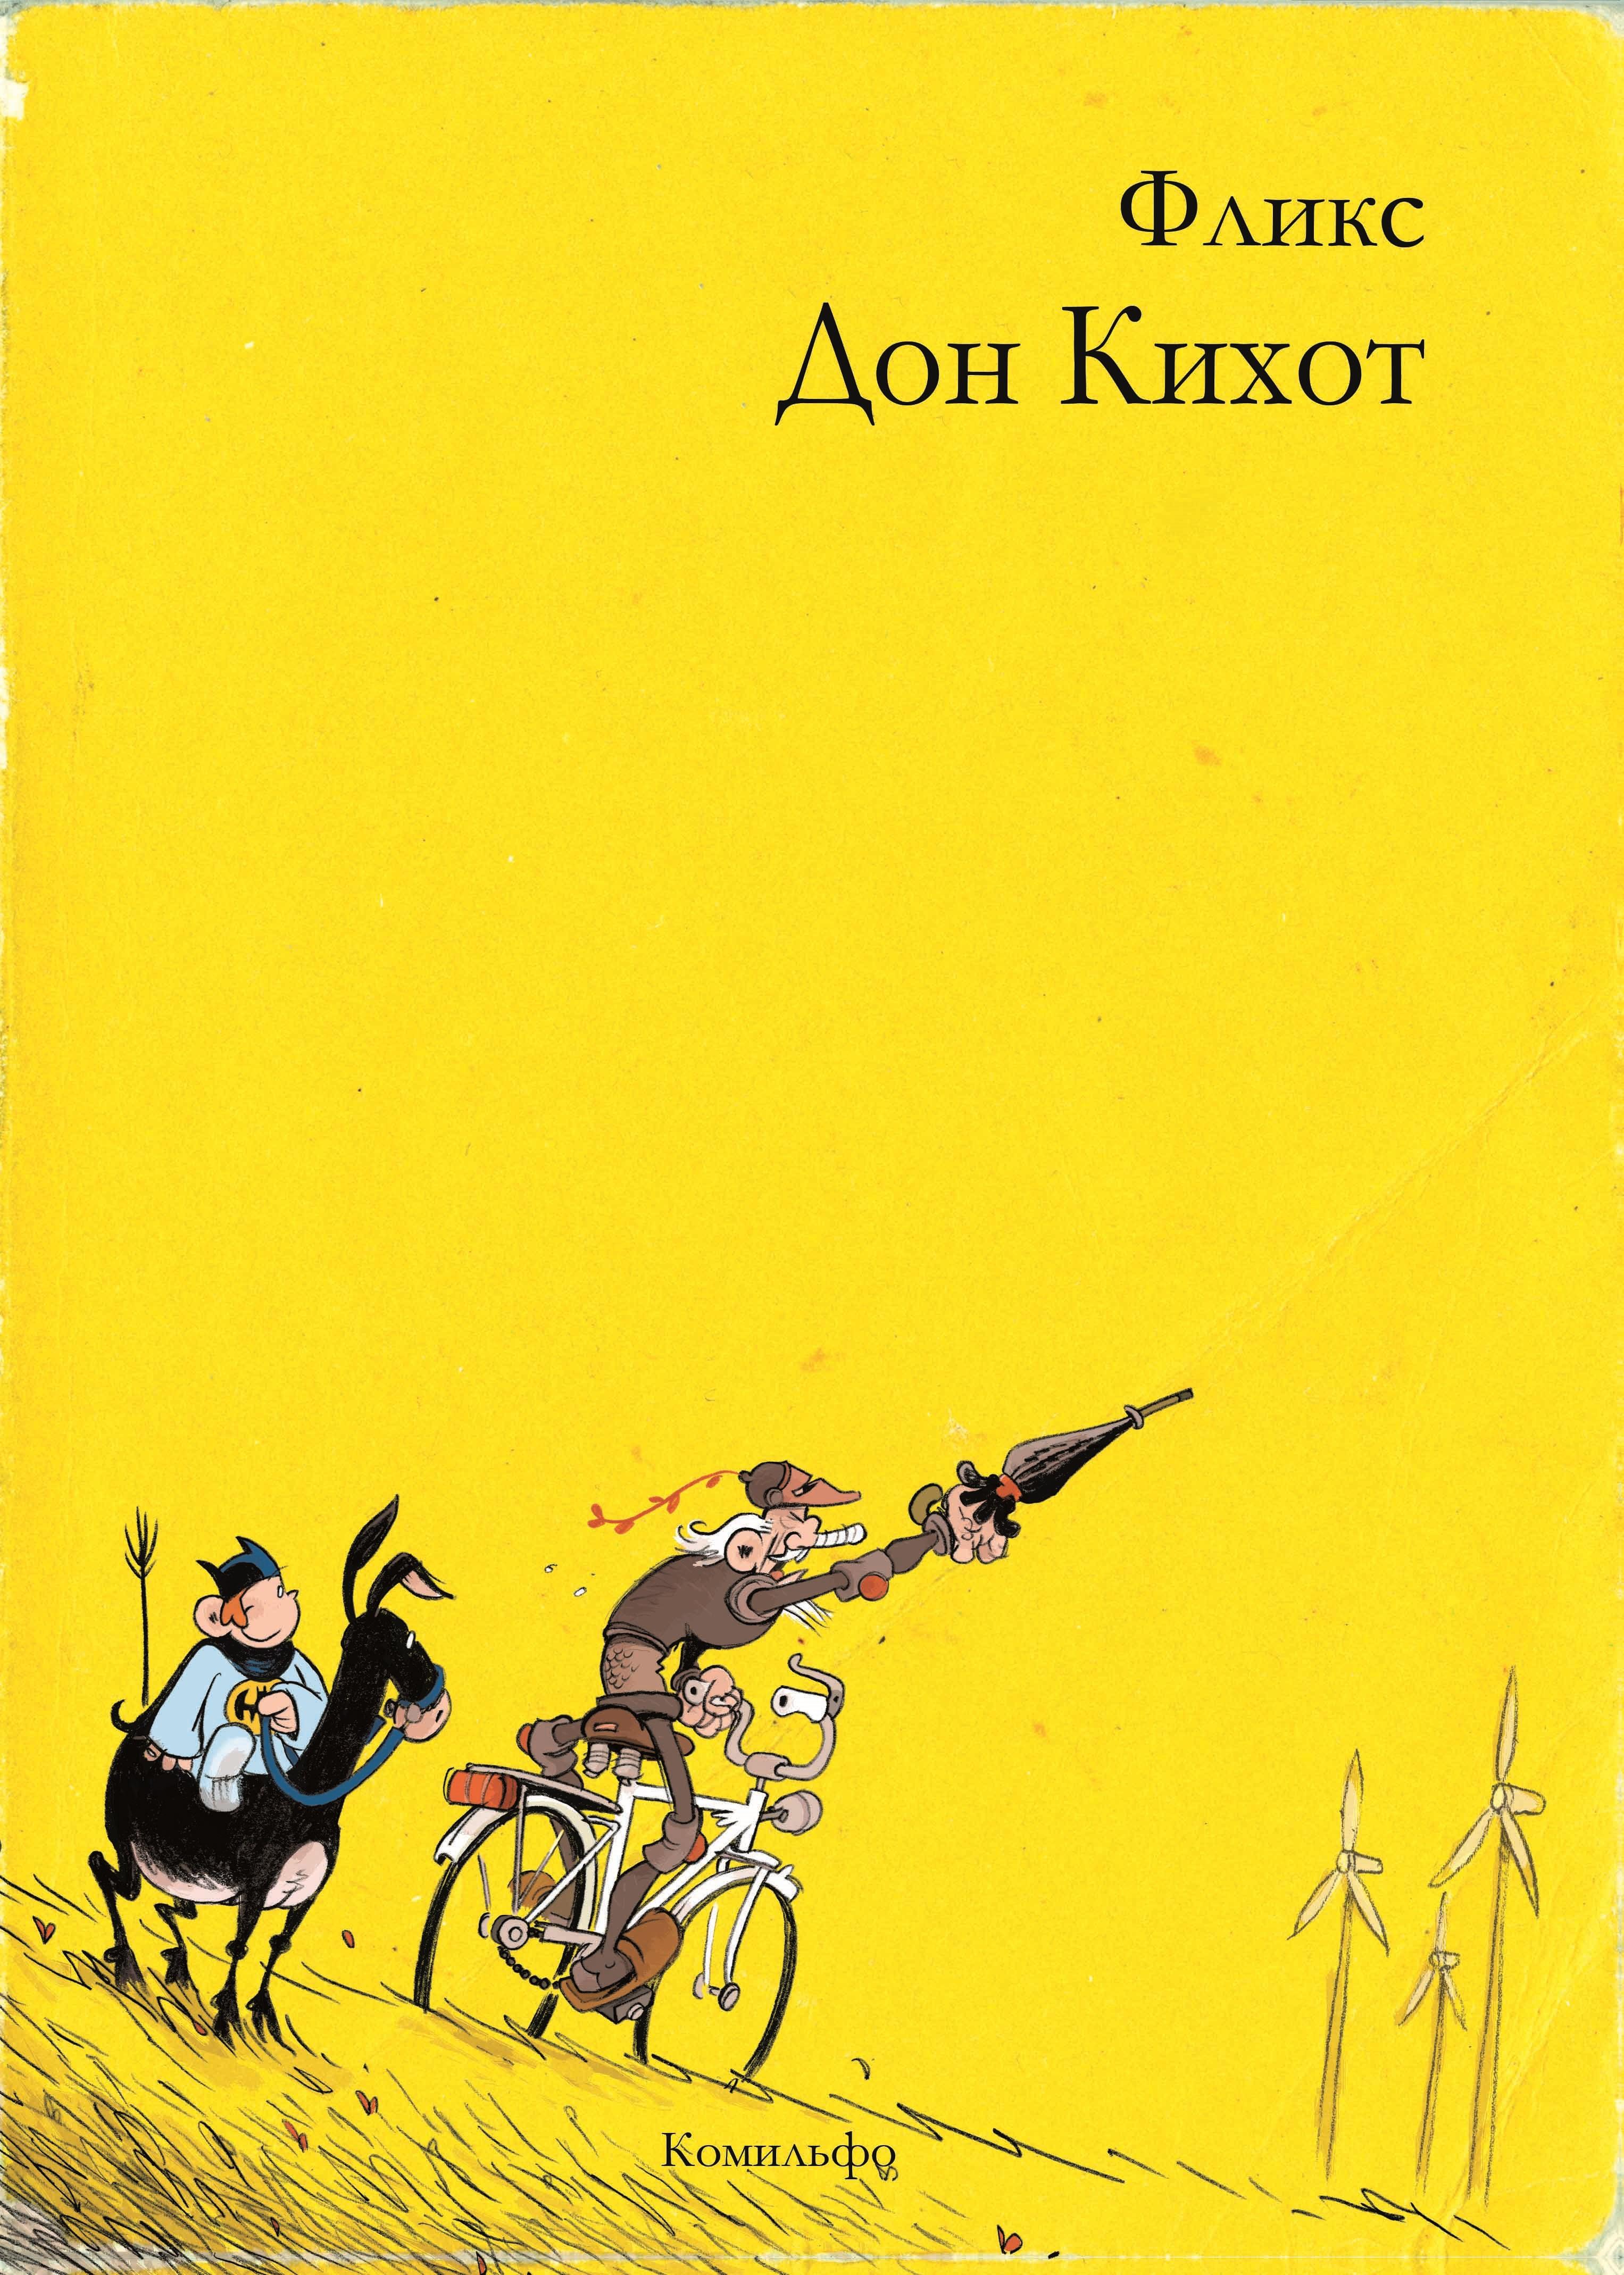 Комикс Дон Кихот фото